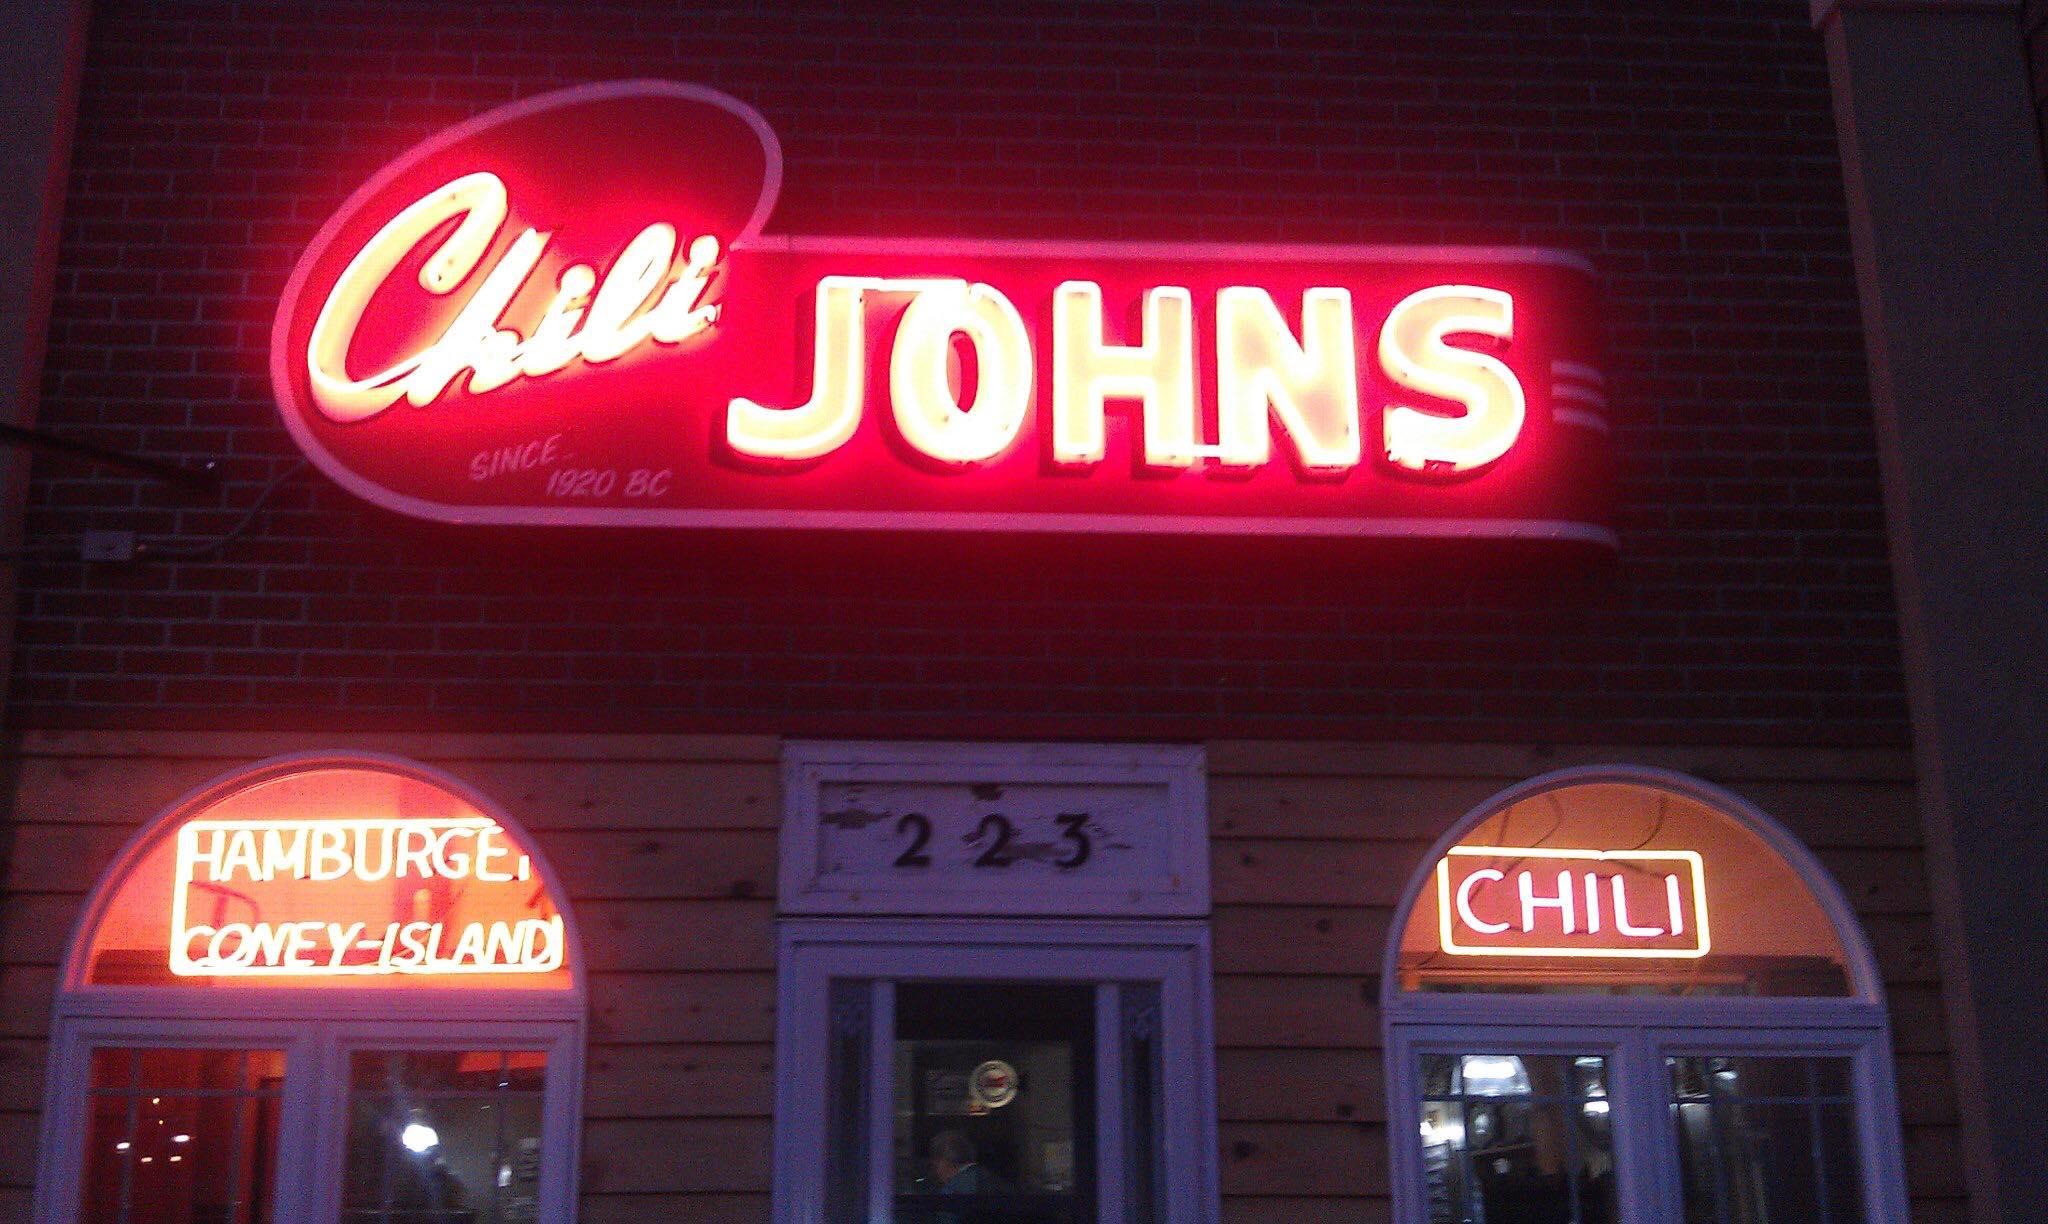 chili johns.jpg